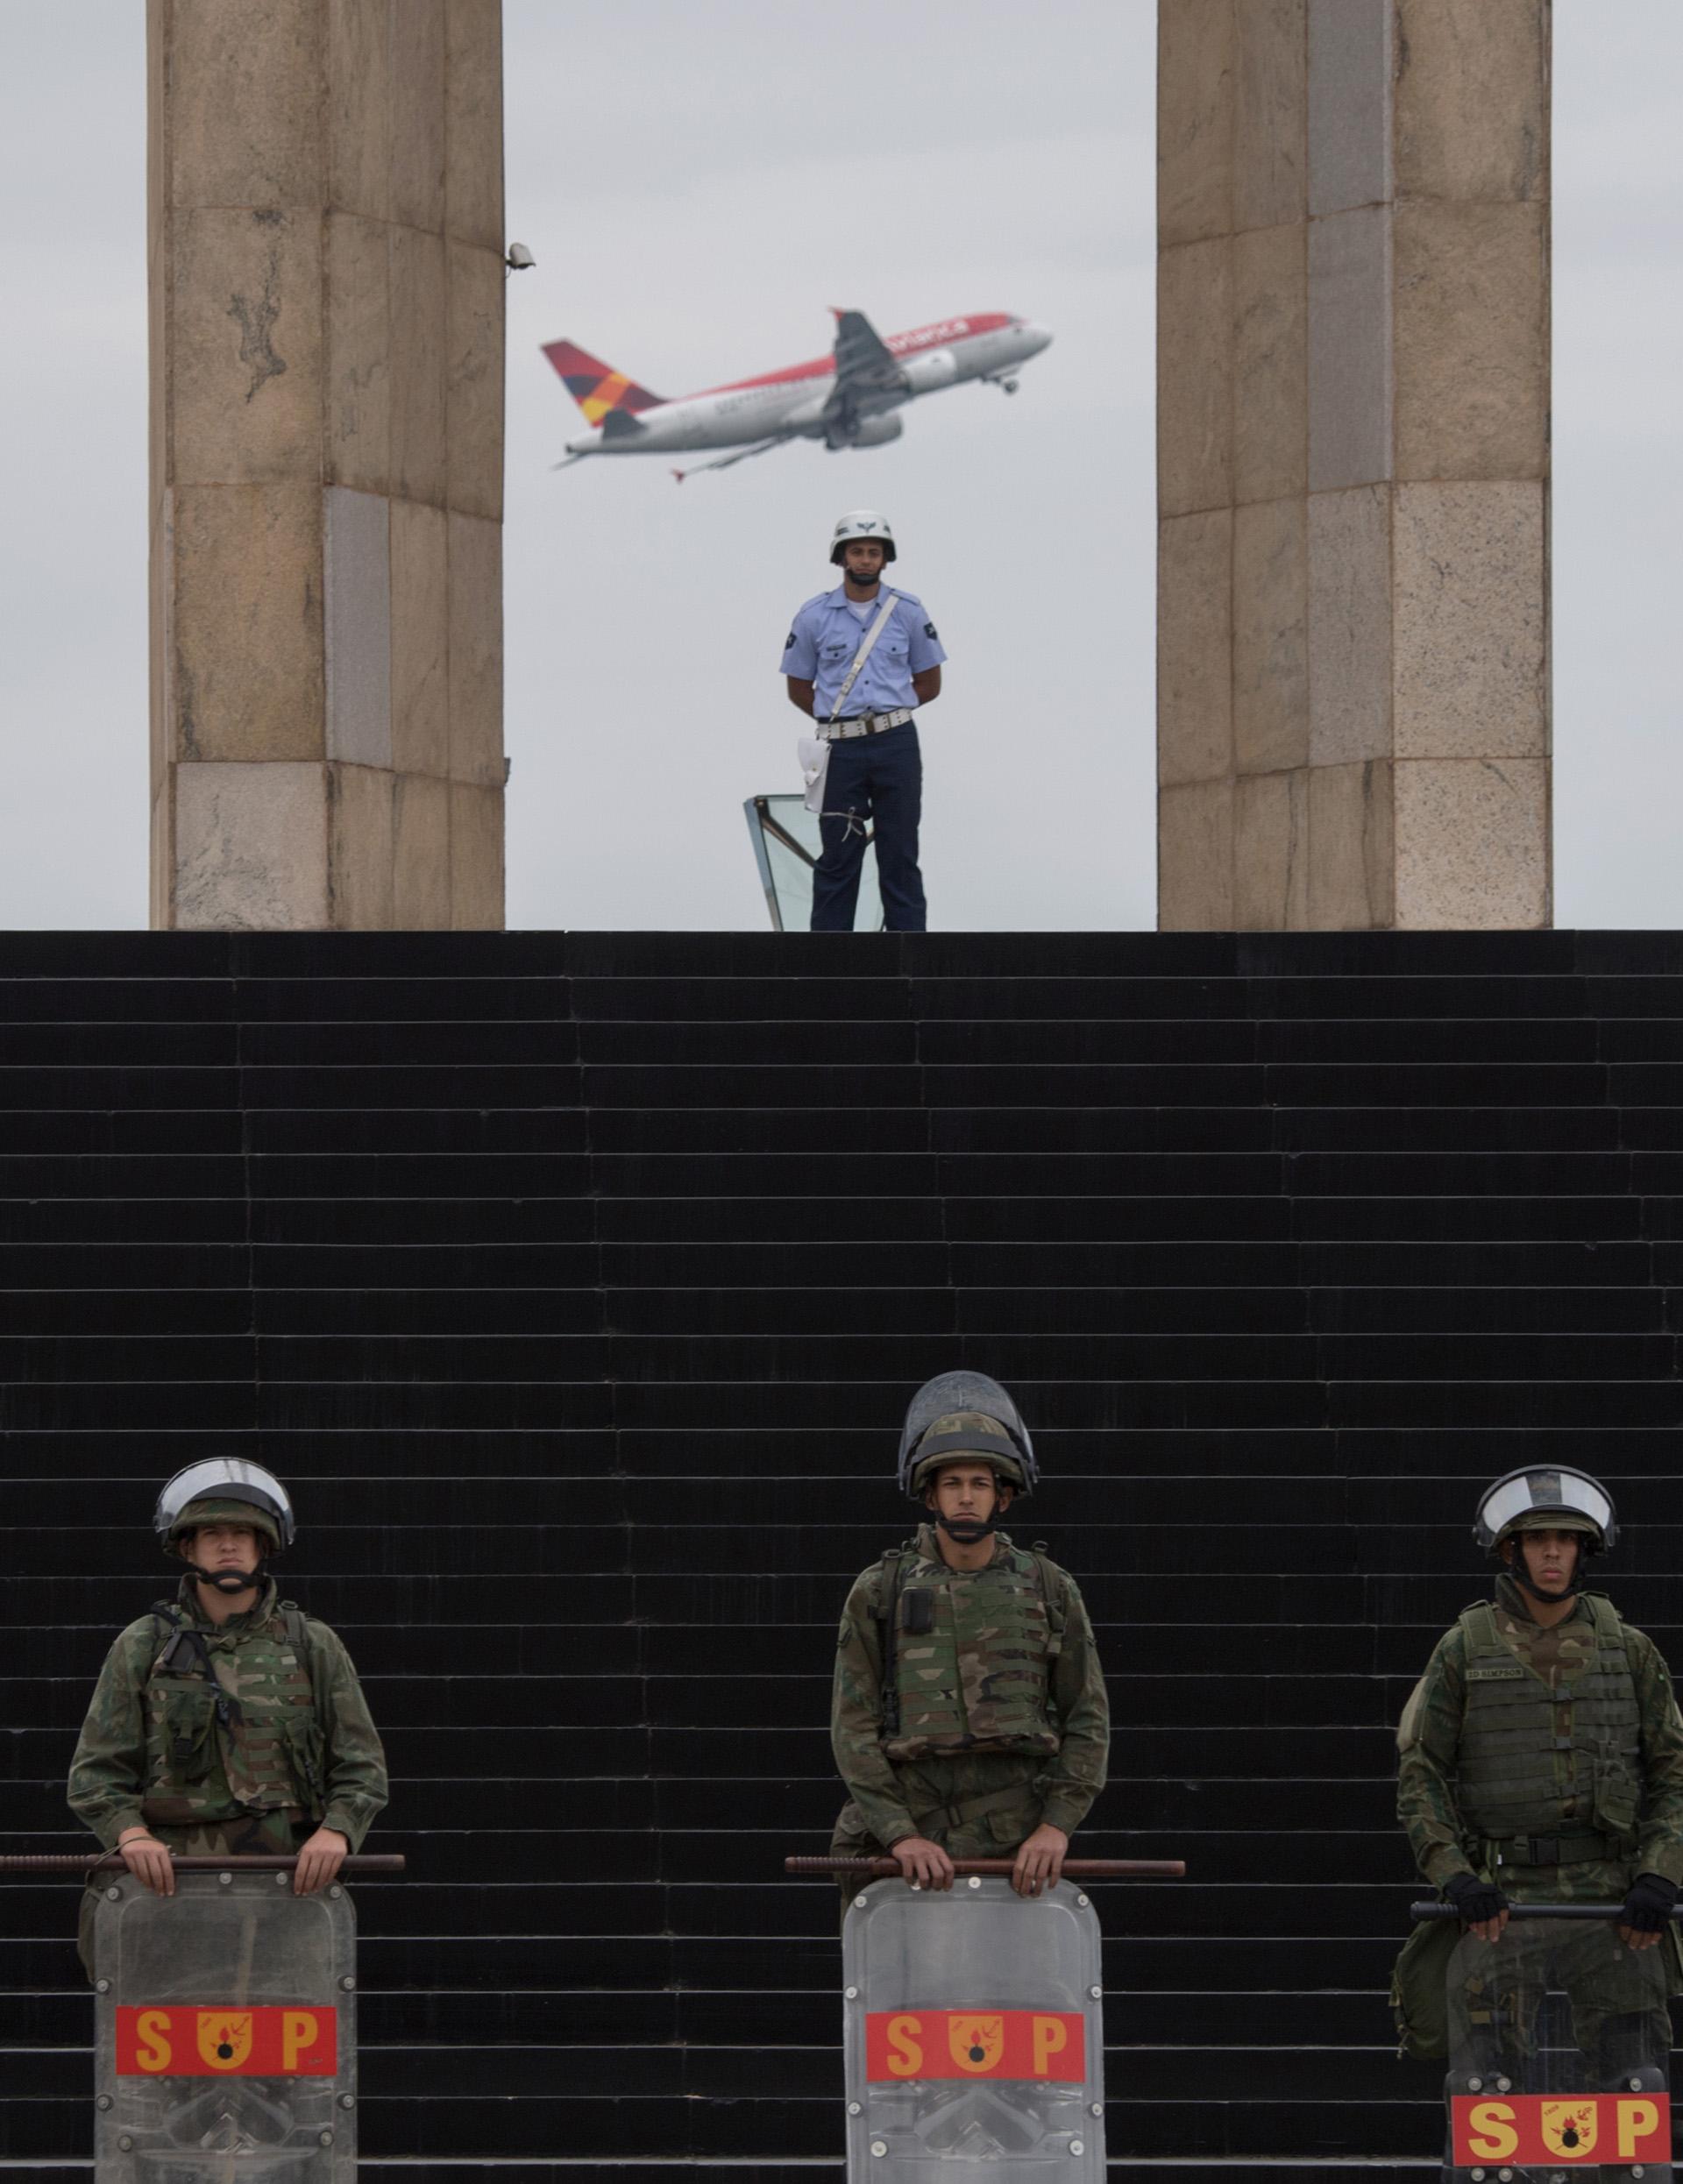 La Fuerza de Seguridad Nacional ya está en Río de Janeiro desde principios de este mes y cada día realizan simulacros y ejercicios de entrenamiento en coordinación con la policía civil y militar (AFP)